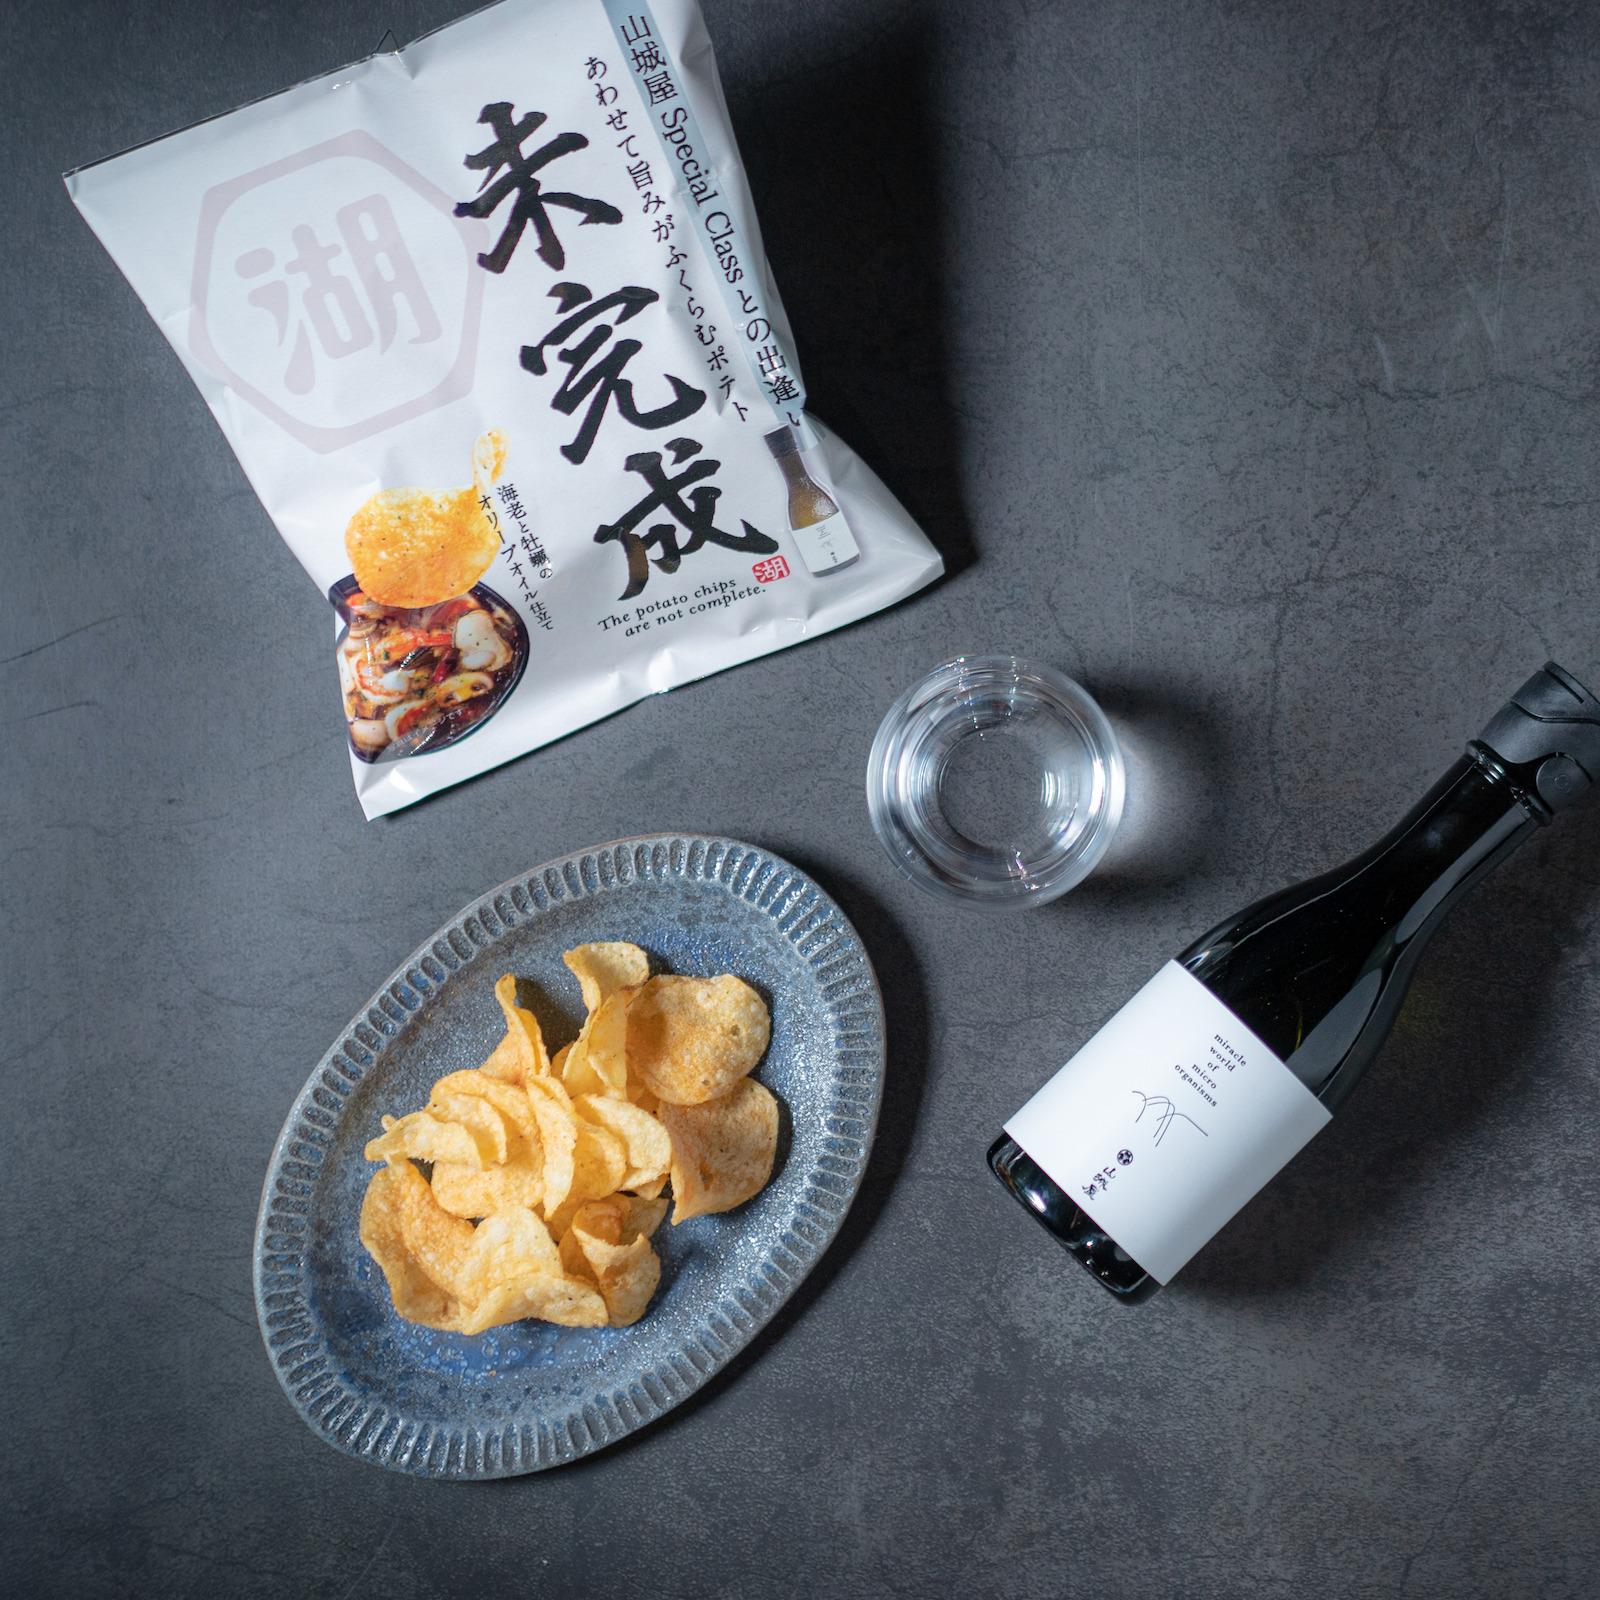 「日本酒」×「ポテトチップス」の究極系。日本酒との相性に極限までこだわった本気のポテト開発。湖池屋と越銘醸が至高のペアリングセットを数量限定で発売。10/1より予約受付開始